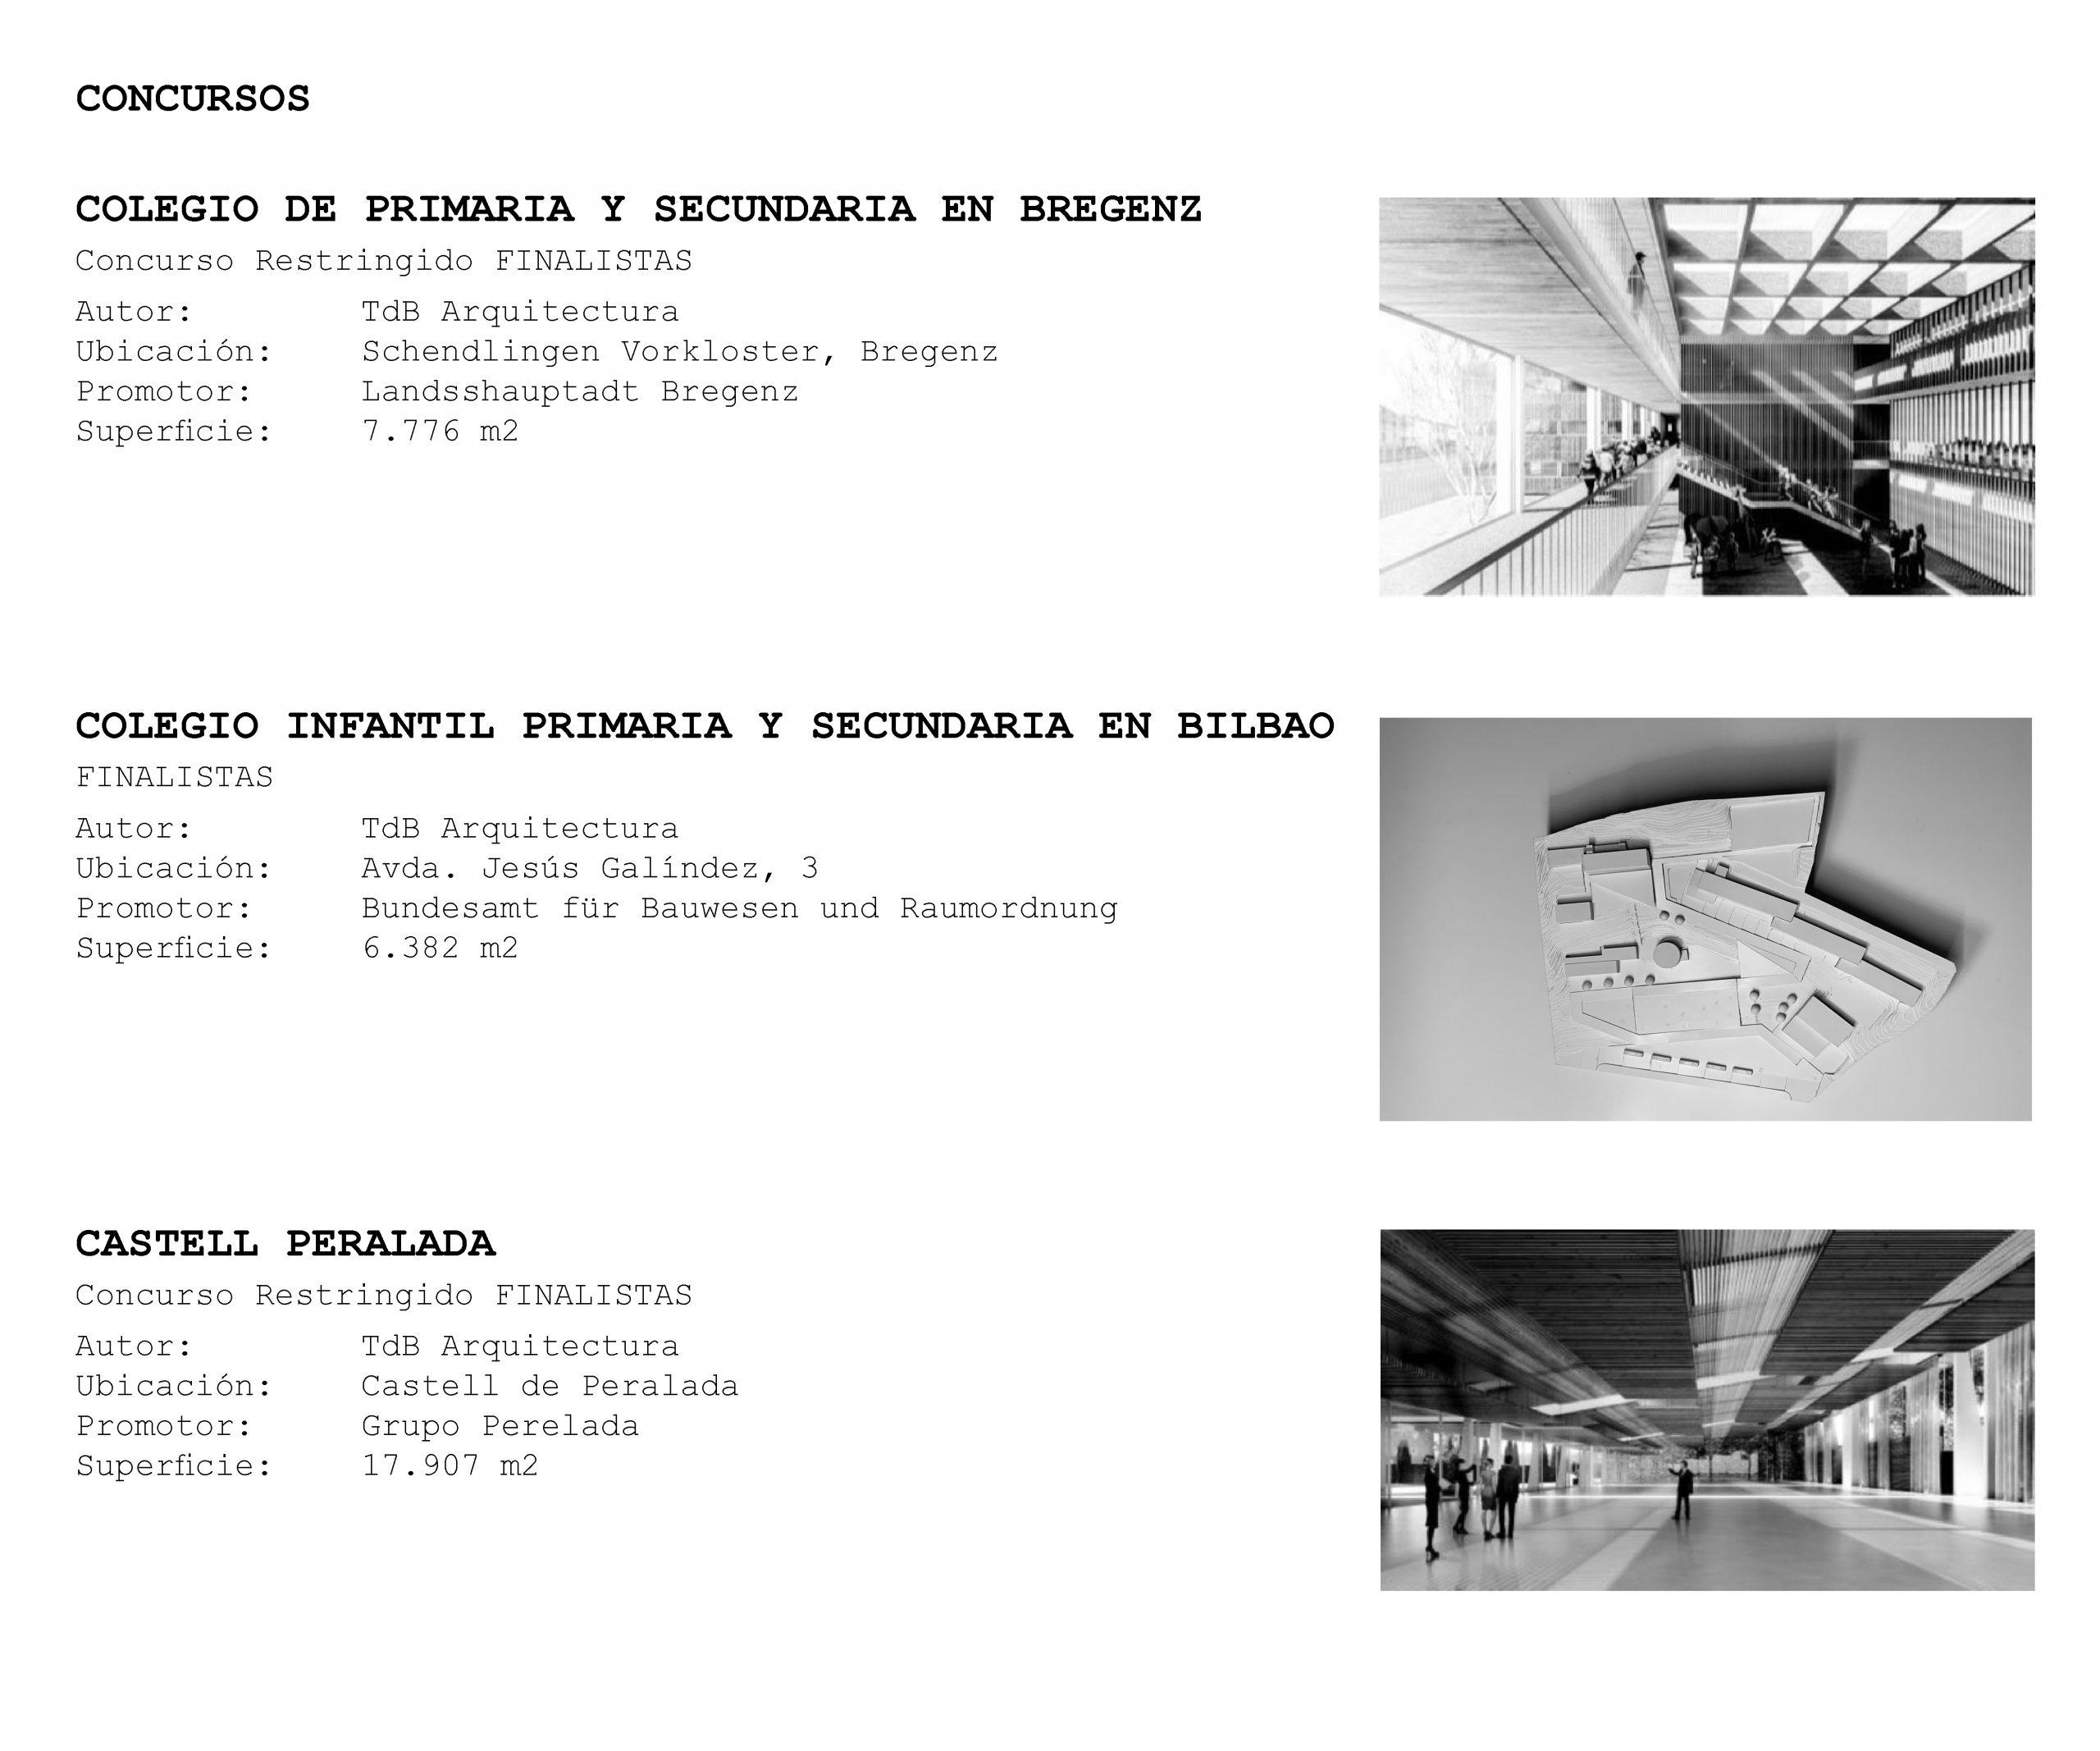 TdB Arquitectura Juan Trias de Bes proyectos projects